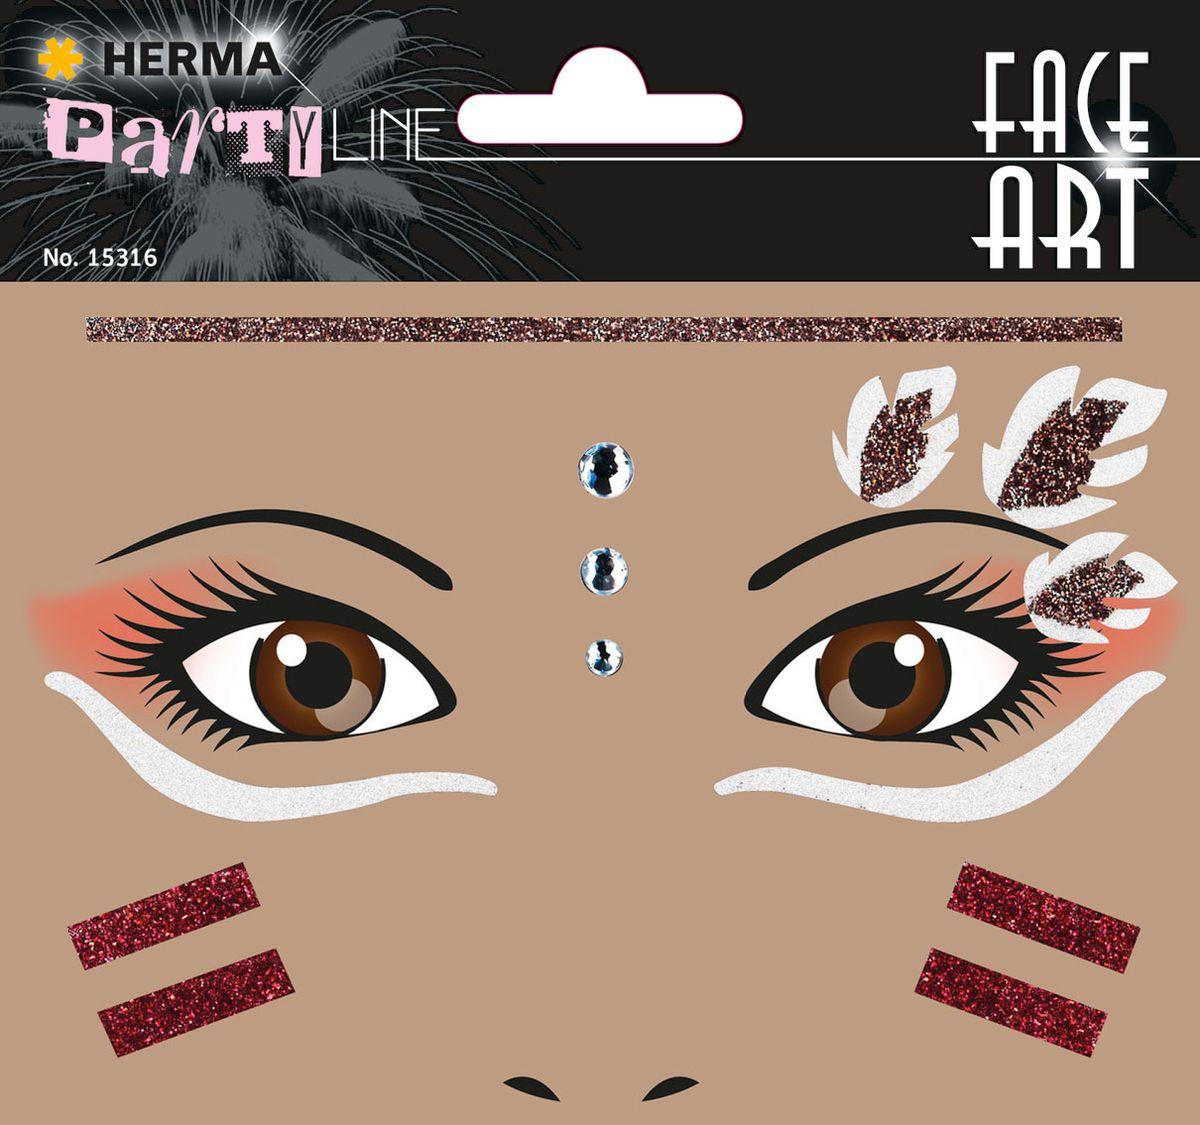 Herma Наклейки на лицо Face Art Squaw (Индеец)15316Face Art (фэйсарт) – это новое направления творчества и искусства. В последнее время фэйсарт стал достаточно популярным и востребованным направлением творчества. Что такое - фэйс арт, это искусство рисования разноцветными красками на лице. Face Art decor от Herma - это серия наклеек для фэйс арта с наиболее популярными мотивами. Face Art decor от Herma - это гламурно, стильно и ярко! Наклейки прошли дерматологические испытания. Инструкция: 1. Аккуратно снимите наклейку и наклейте на лицо. 2. Можно завершить образ с помощью макияжа. 3. Наклейка легко снимается, аккуратно удалите наклейку с лица и умойте лицо водой. 4. Не подходит для чувствительной кожи.